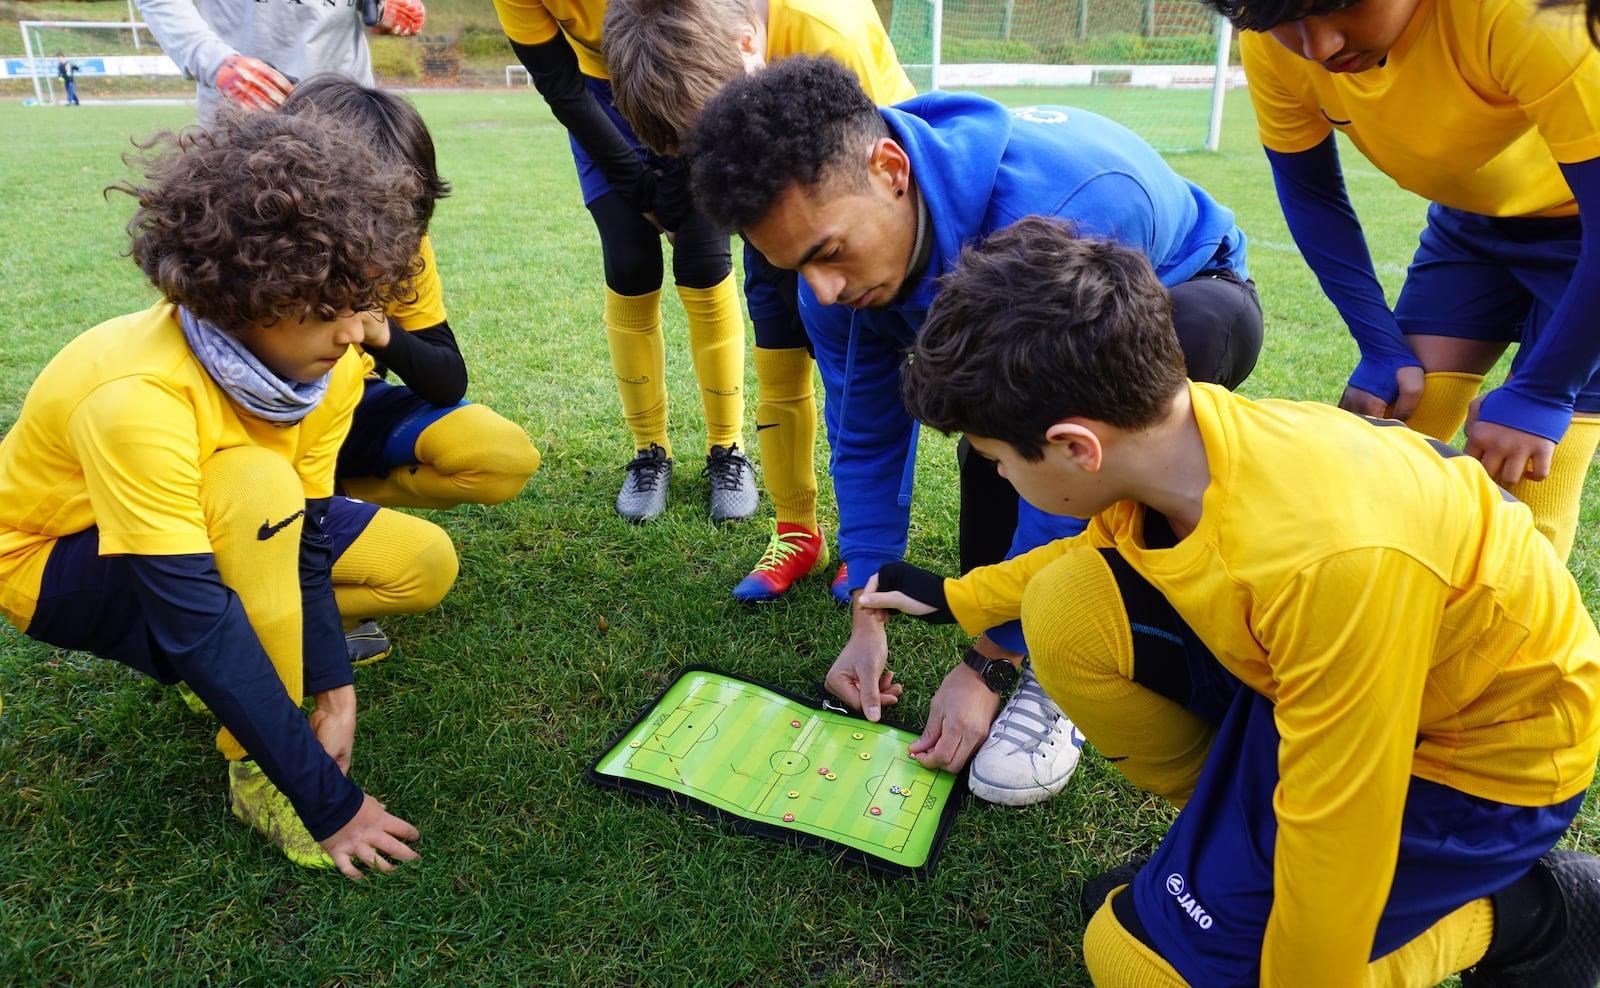 Trainer bespricht Anweisungen mit Kindern auf Taktiktafel